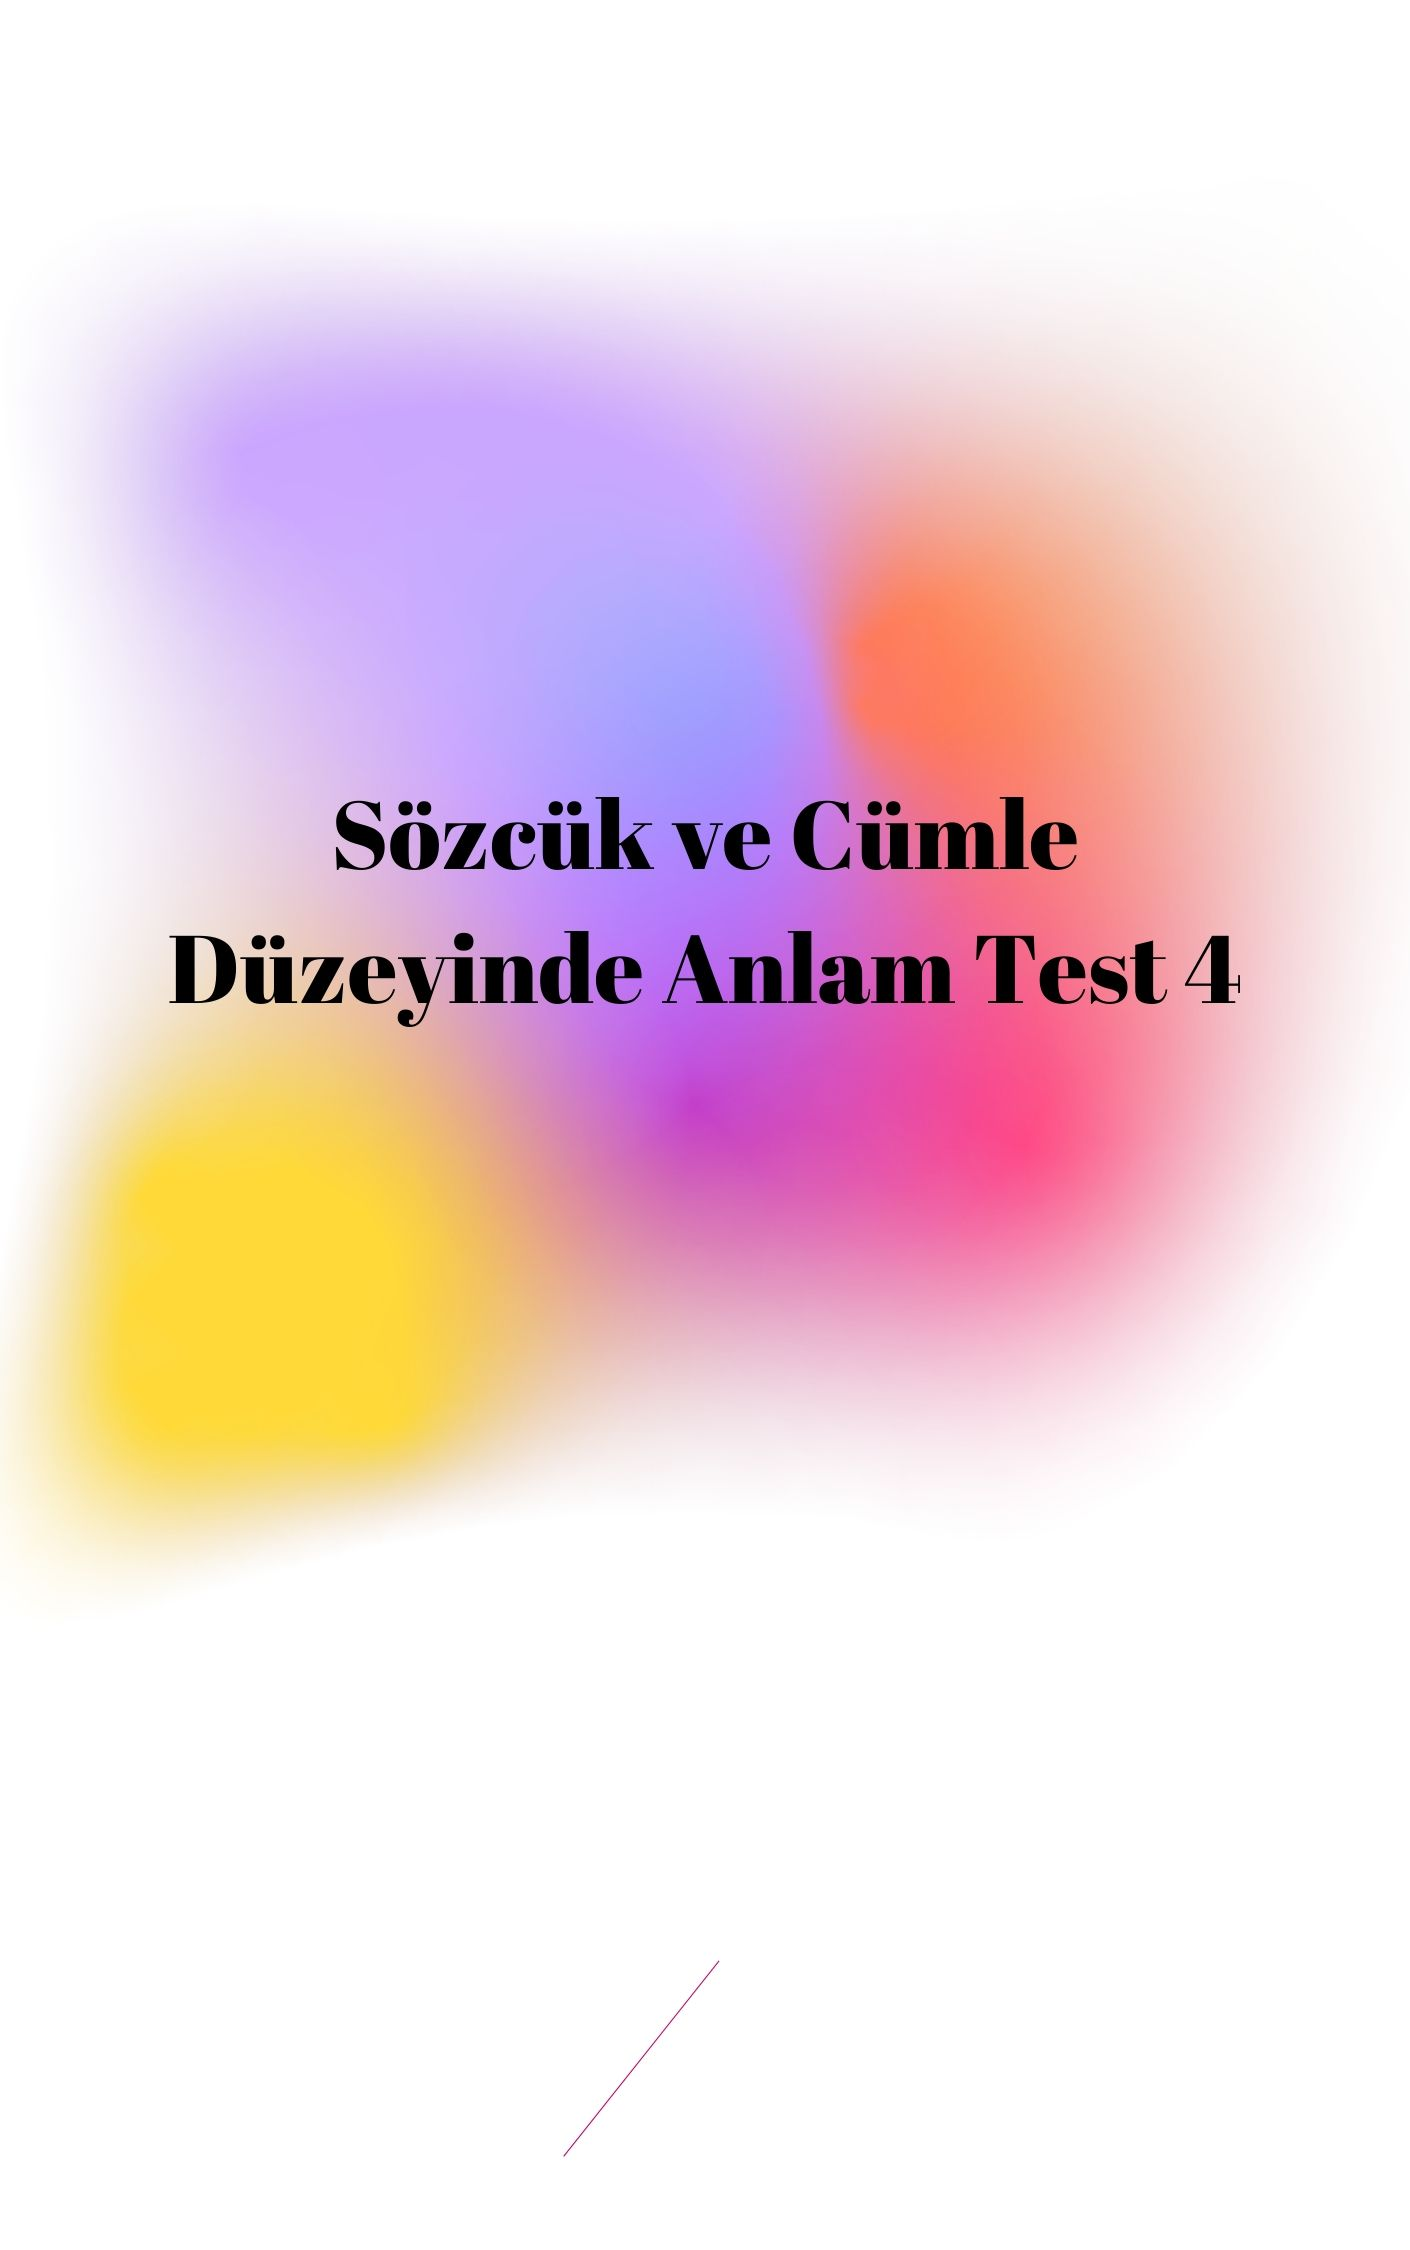 Sözcük ve Cümle Düzeyinde Anlam Test 4